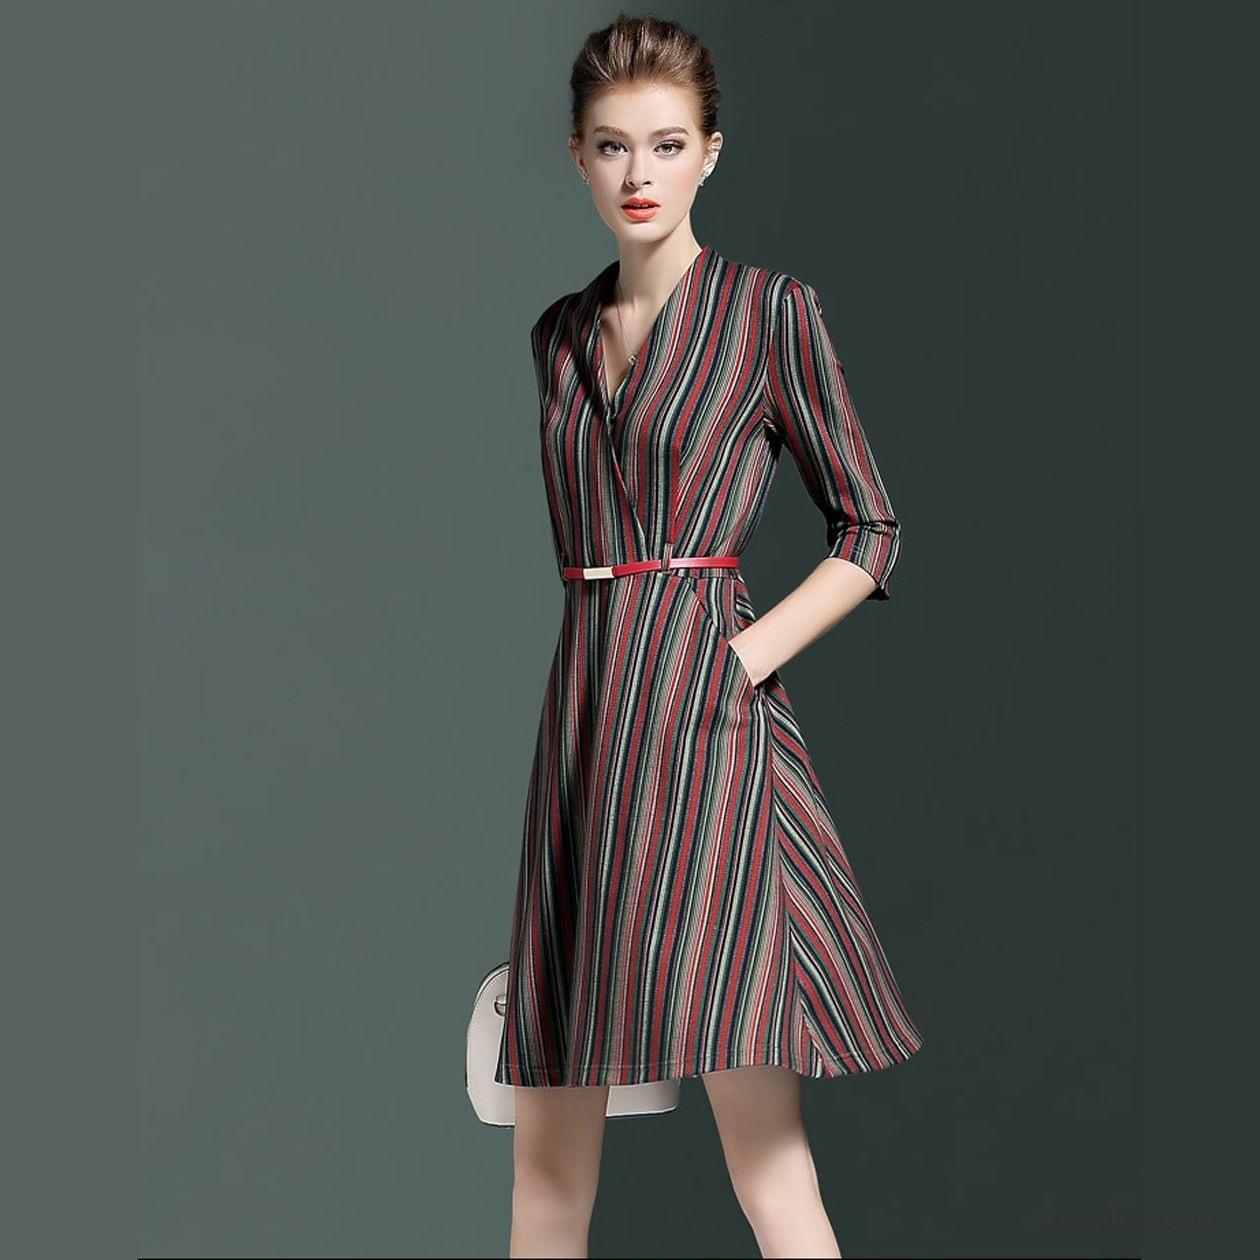 Formal Luxus Kleider Online Stylish13 Wunderbar Kleider Online Stylish